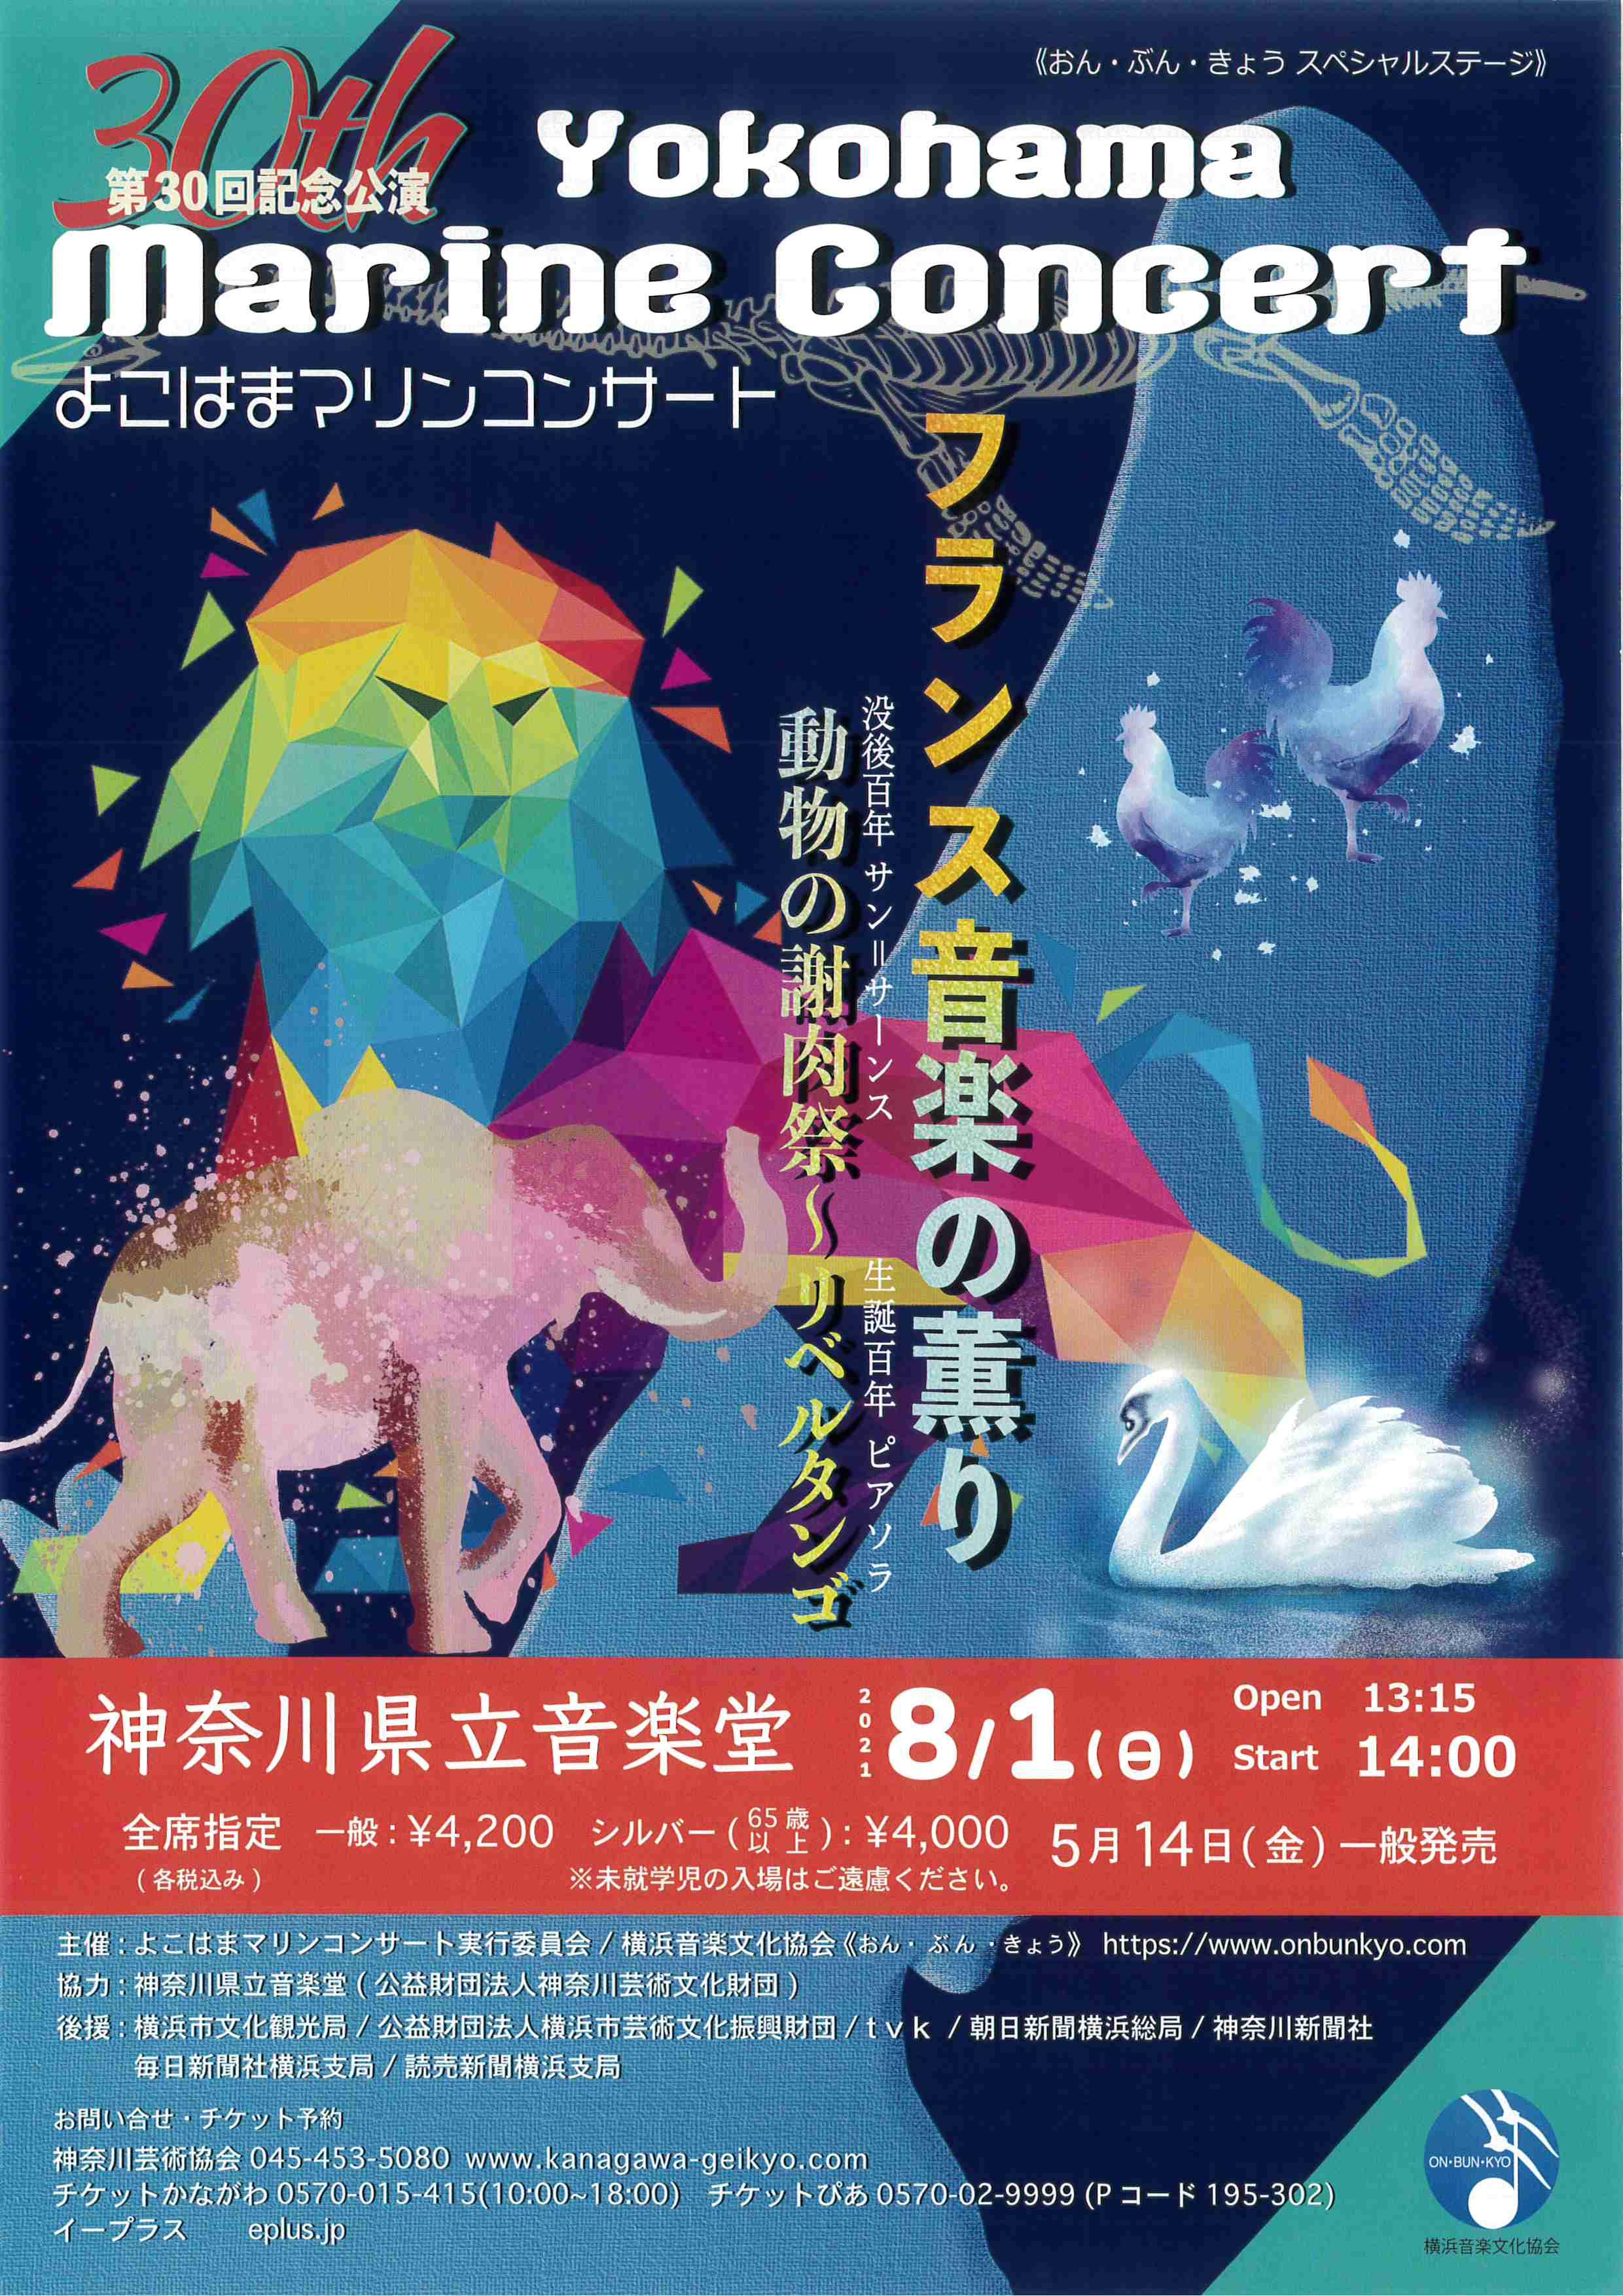 第30回記念公演 よこはまマリンコンサート